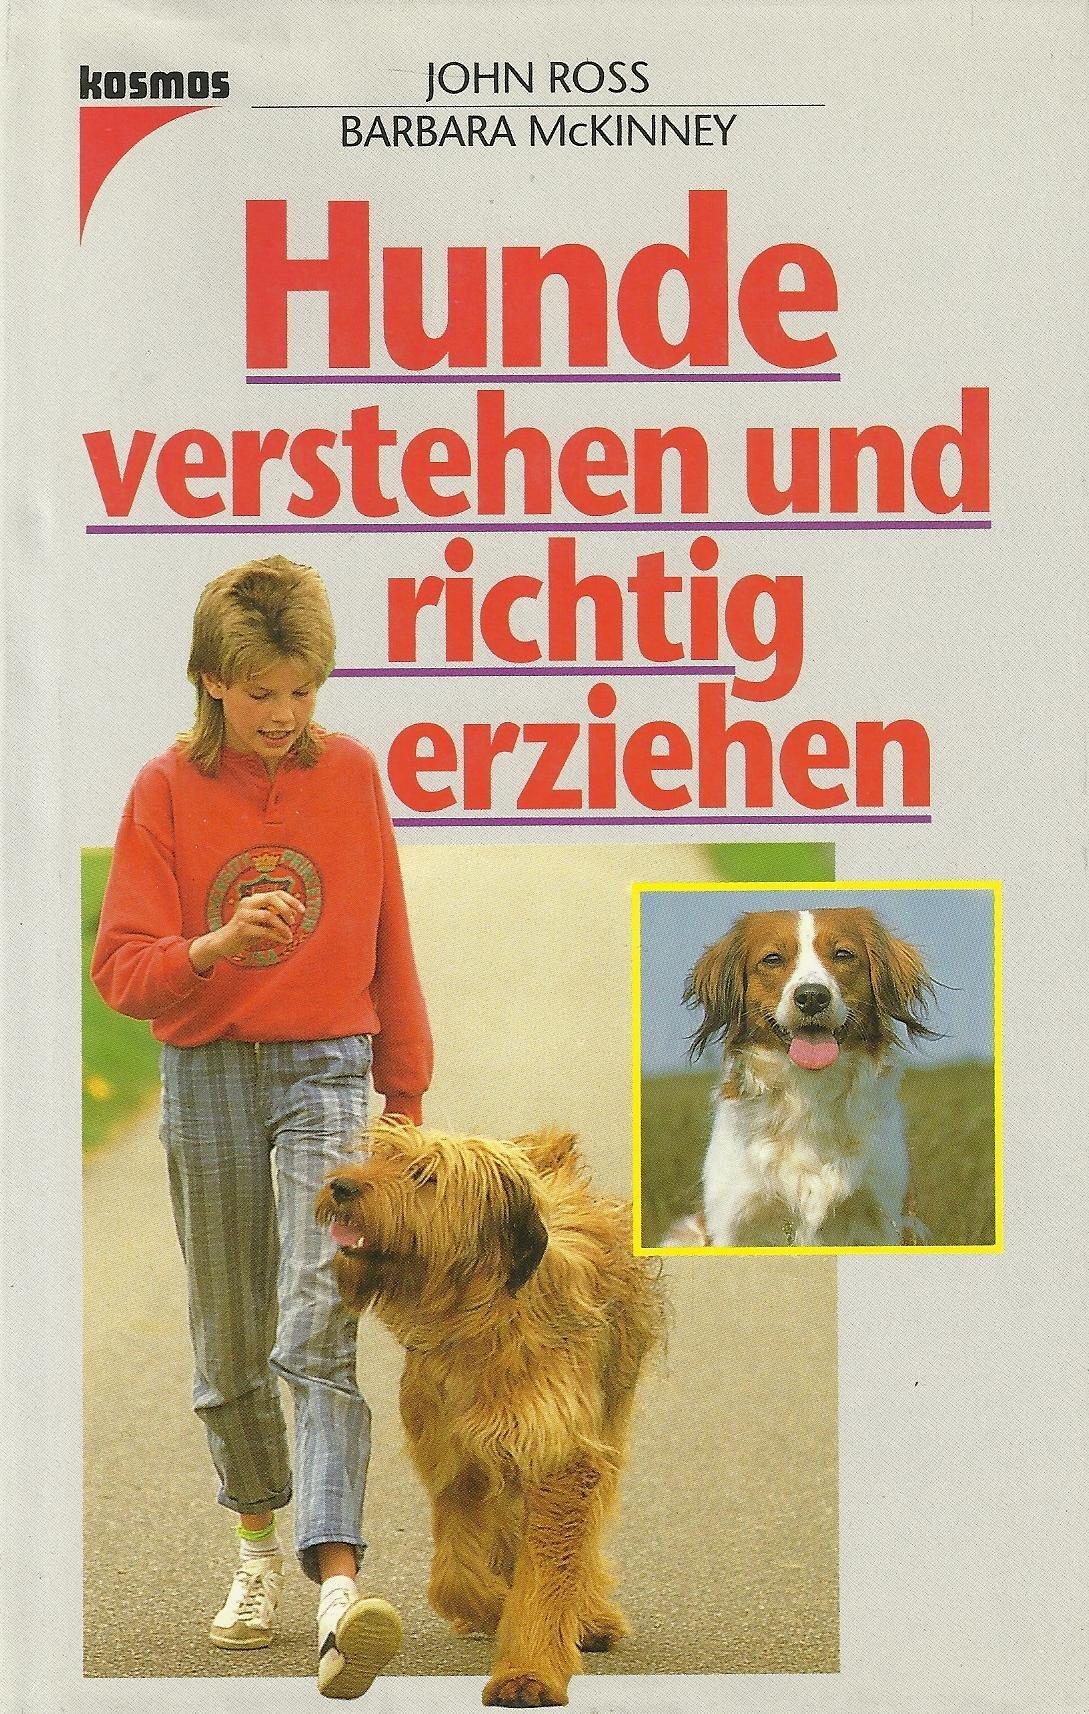 Hunde verstehen und richtig erziehen